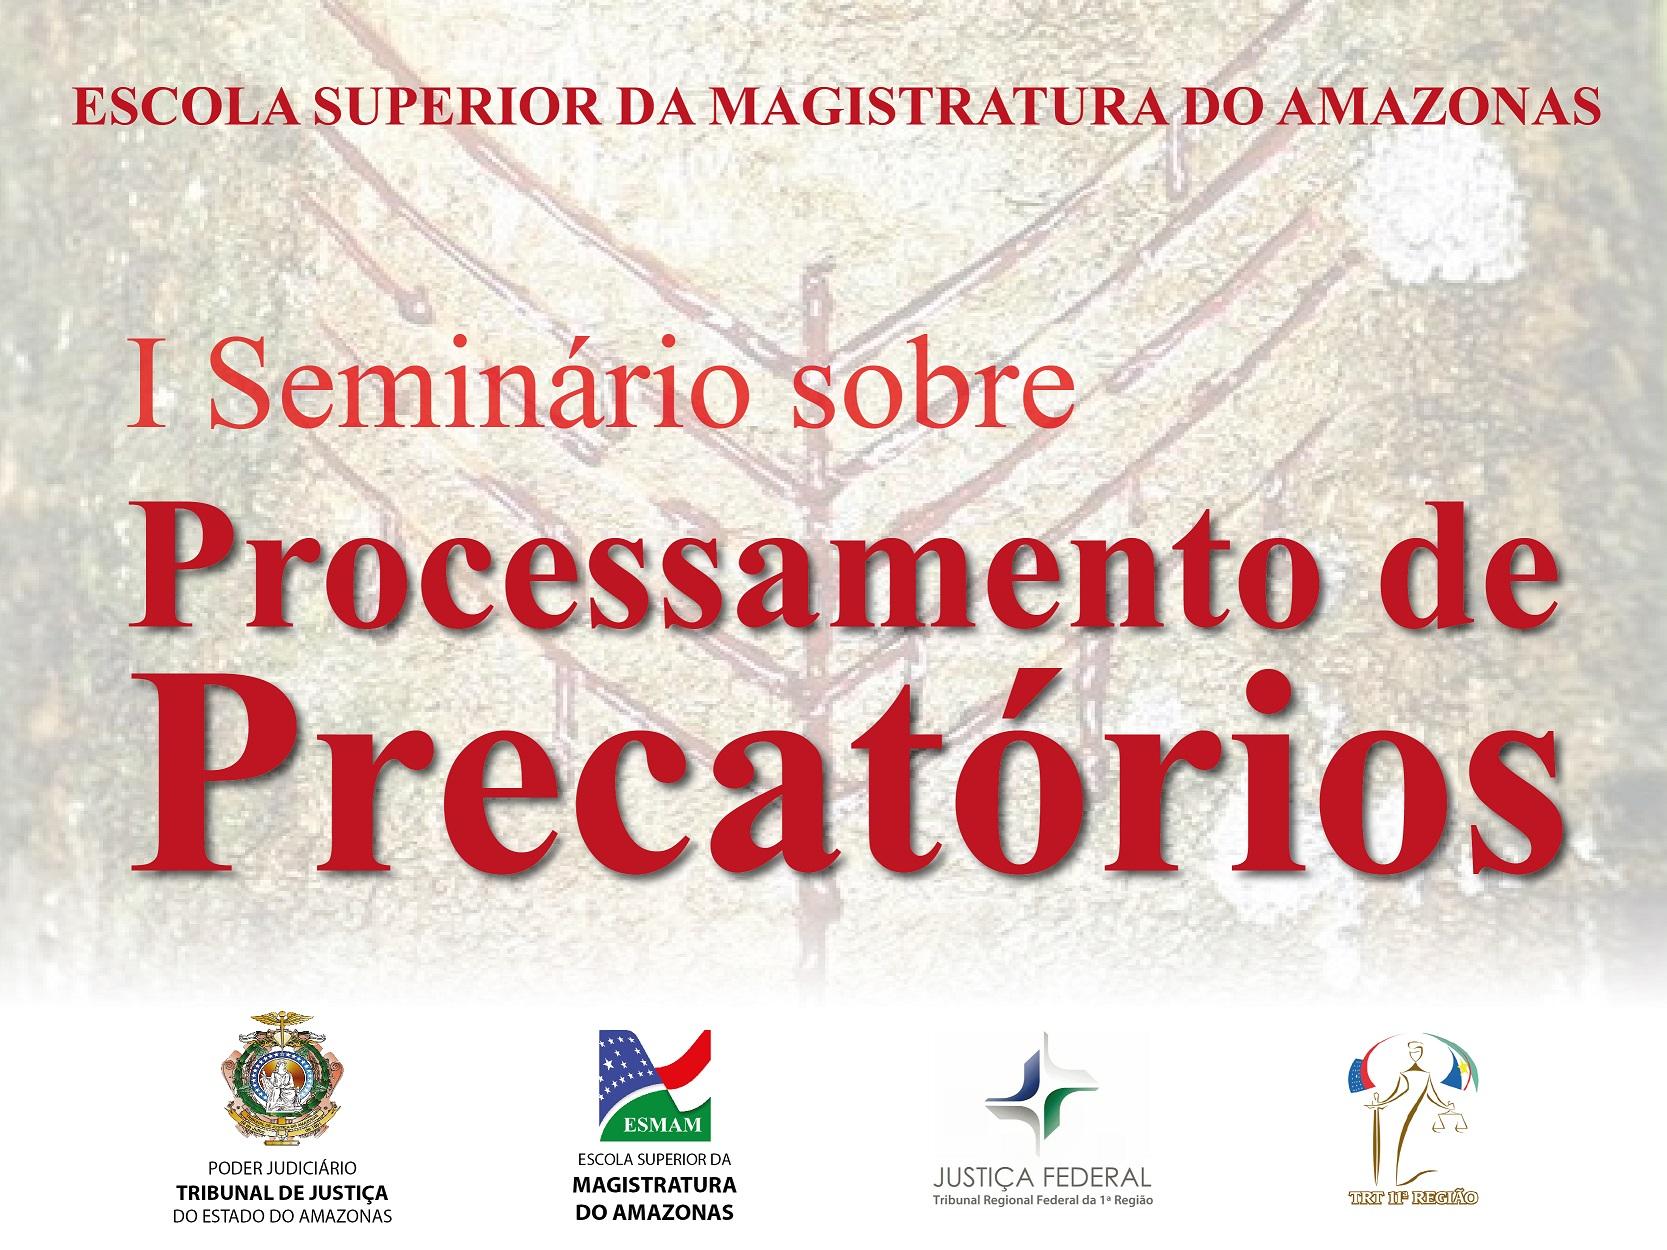 I Seminário sobre Processamento de Precatórios